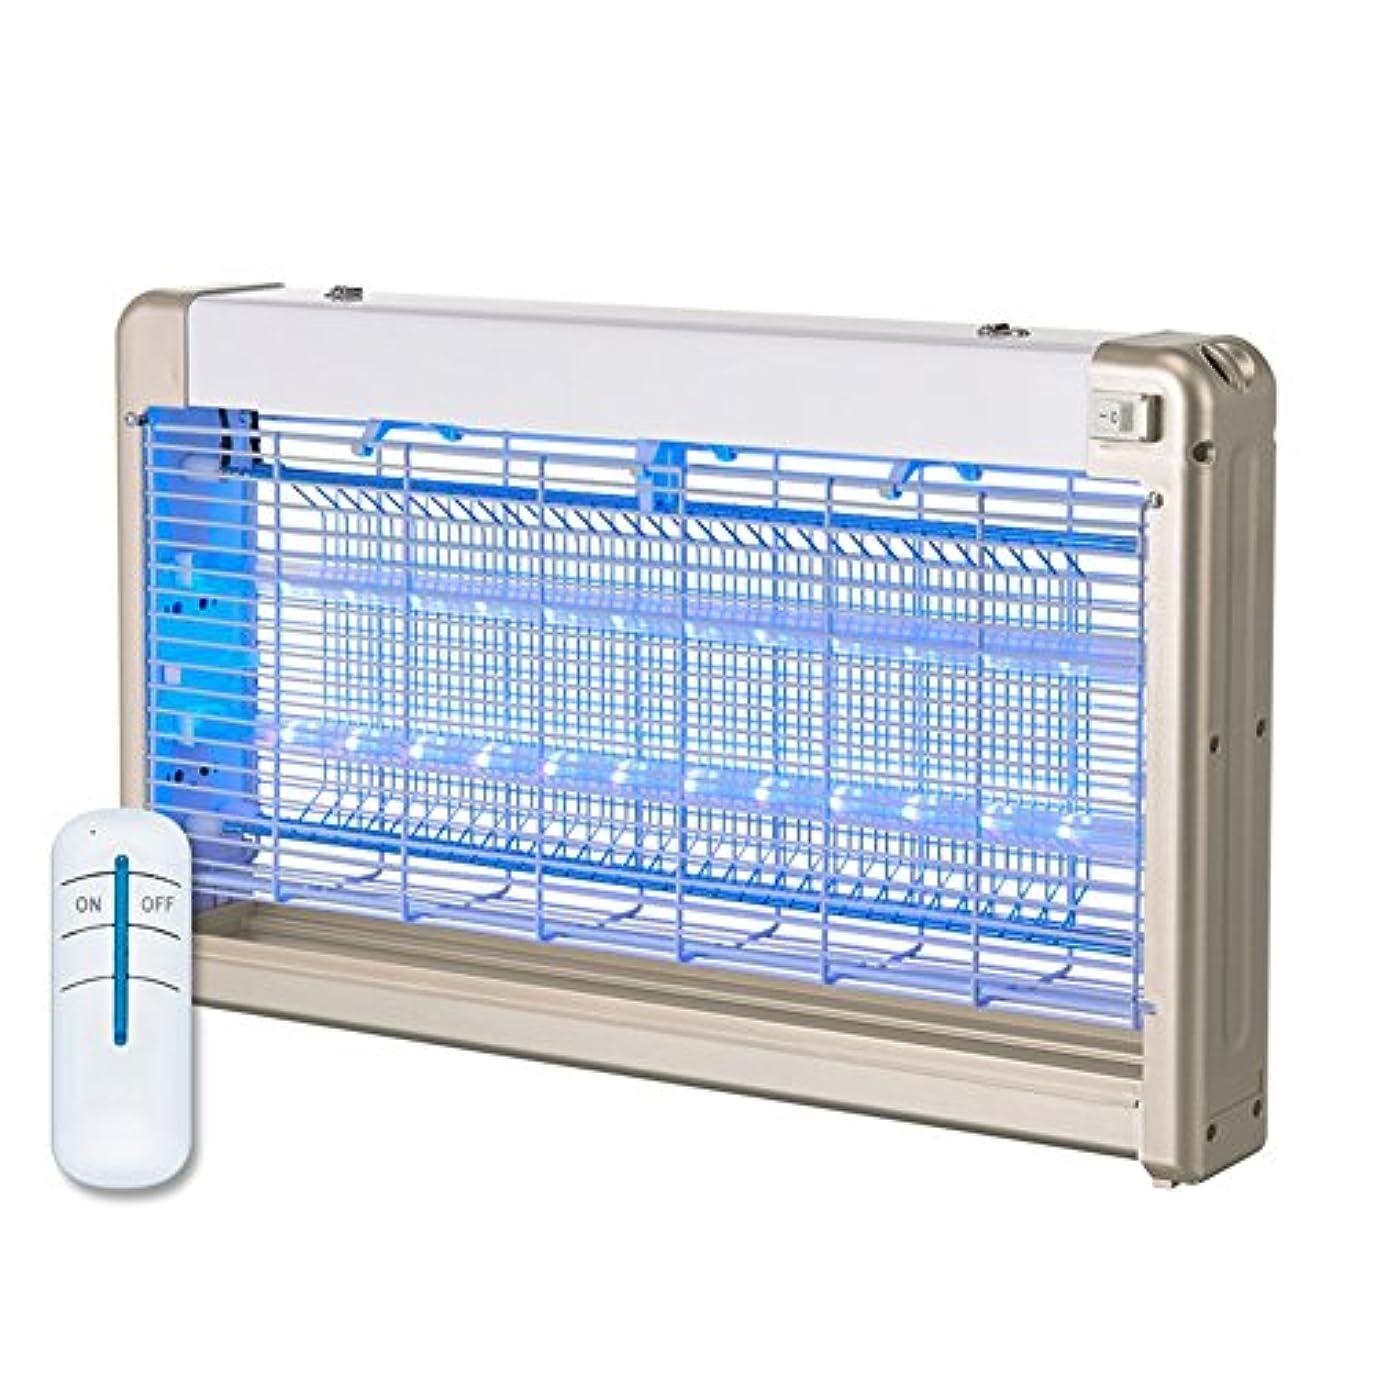 チャーム寛容なデクリメントWENZHE 蚊対策 殺虫器灯 誘虫灯 虫除け インドア 世帯 商業 電気ショック サイレント プラグインタイプ リモコンでは、 2色、 39×7.6×28cm (色 : 2#)